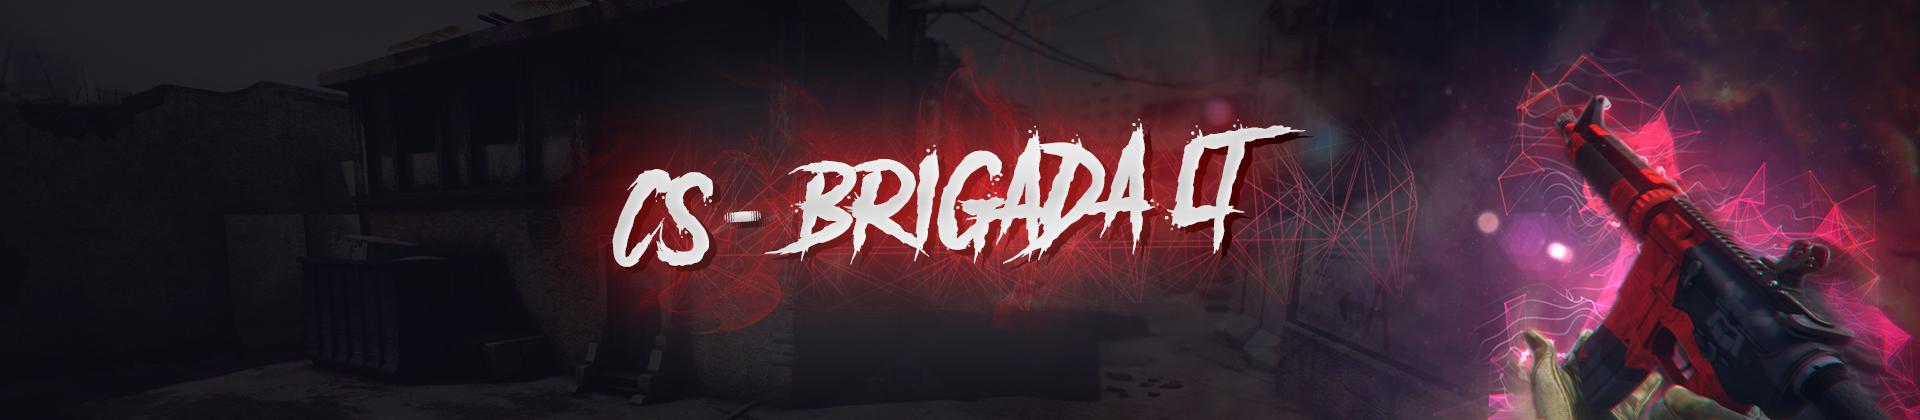 cs-brigada-header.png